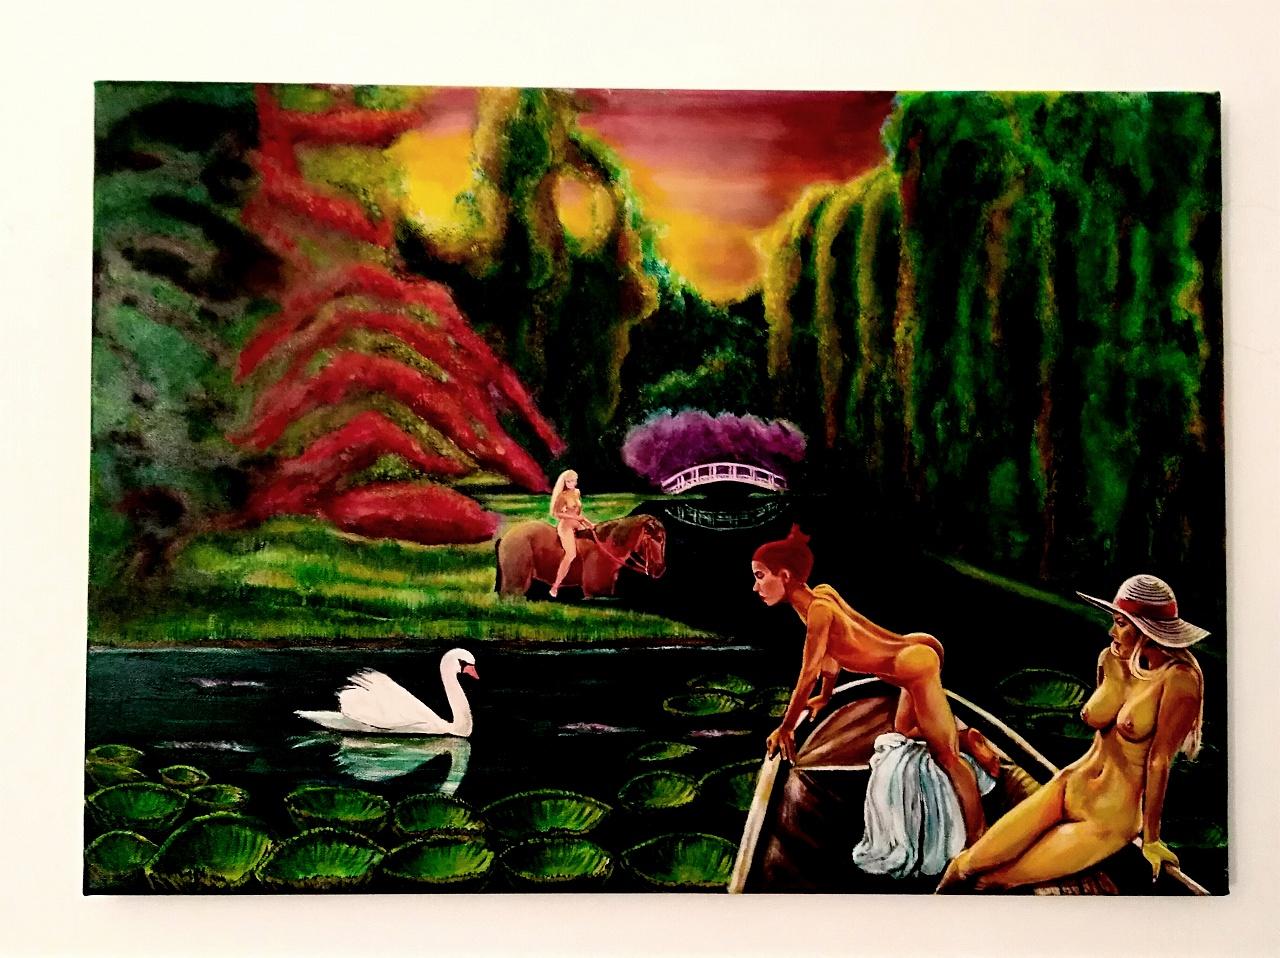 Omaggio a Monet - Tecniche varie su tela . Misure : 70 X 50 . Voleva essere un' opera ispirata ai quadri di Monet ( famoso giardino ...)che però ,  mi rendo conto che può suonare retorico e scontato , a preso una sua via e mi ci sono adeguato perchè non riuscivo a fare altrimenti.